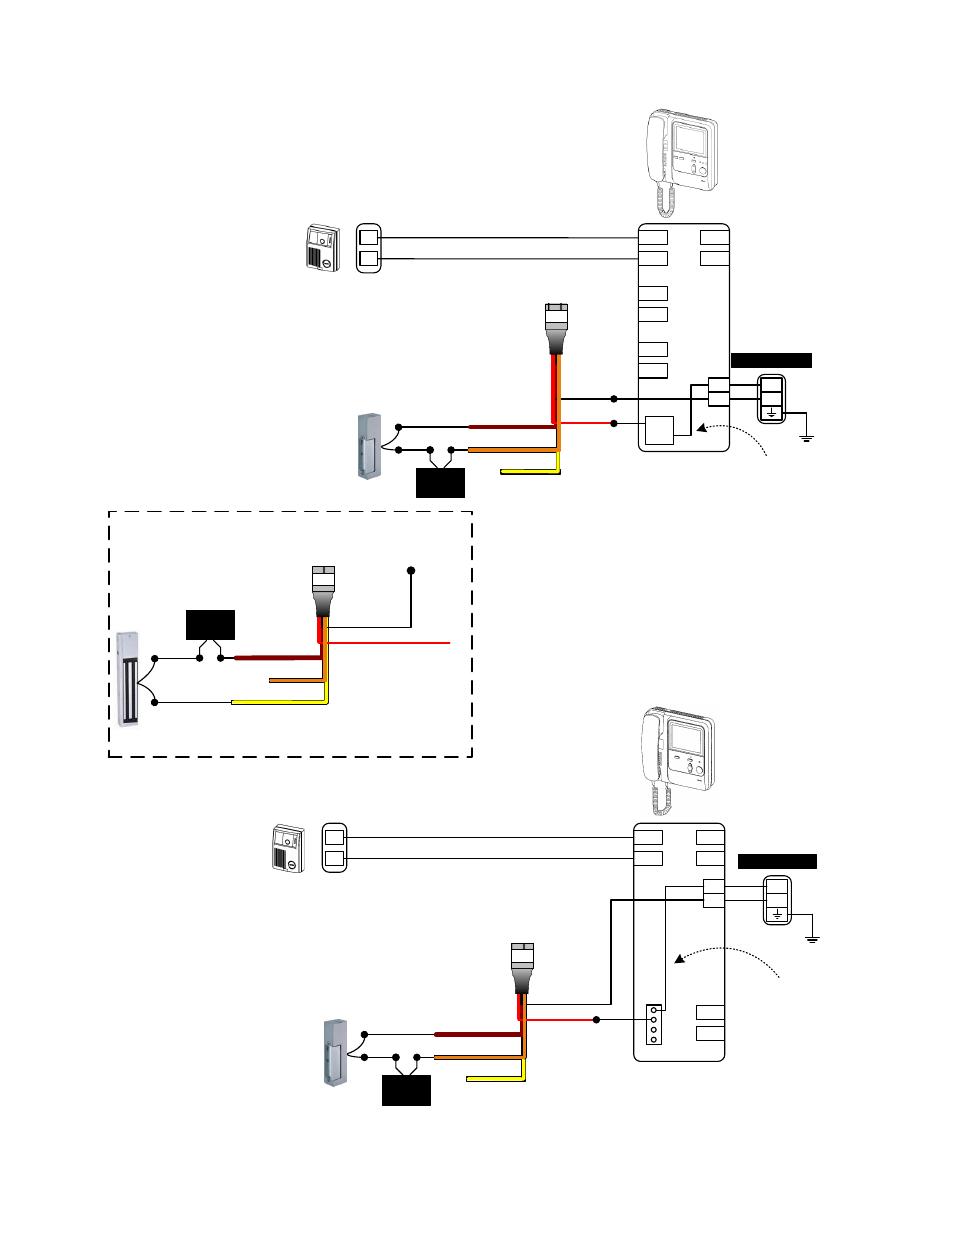 Atlas Intercom Speaker Wiring Diagrams Not Lossing Diagram Nutone Systems Library Rh 93 Kandelhof Restaurant De Home